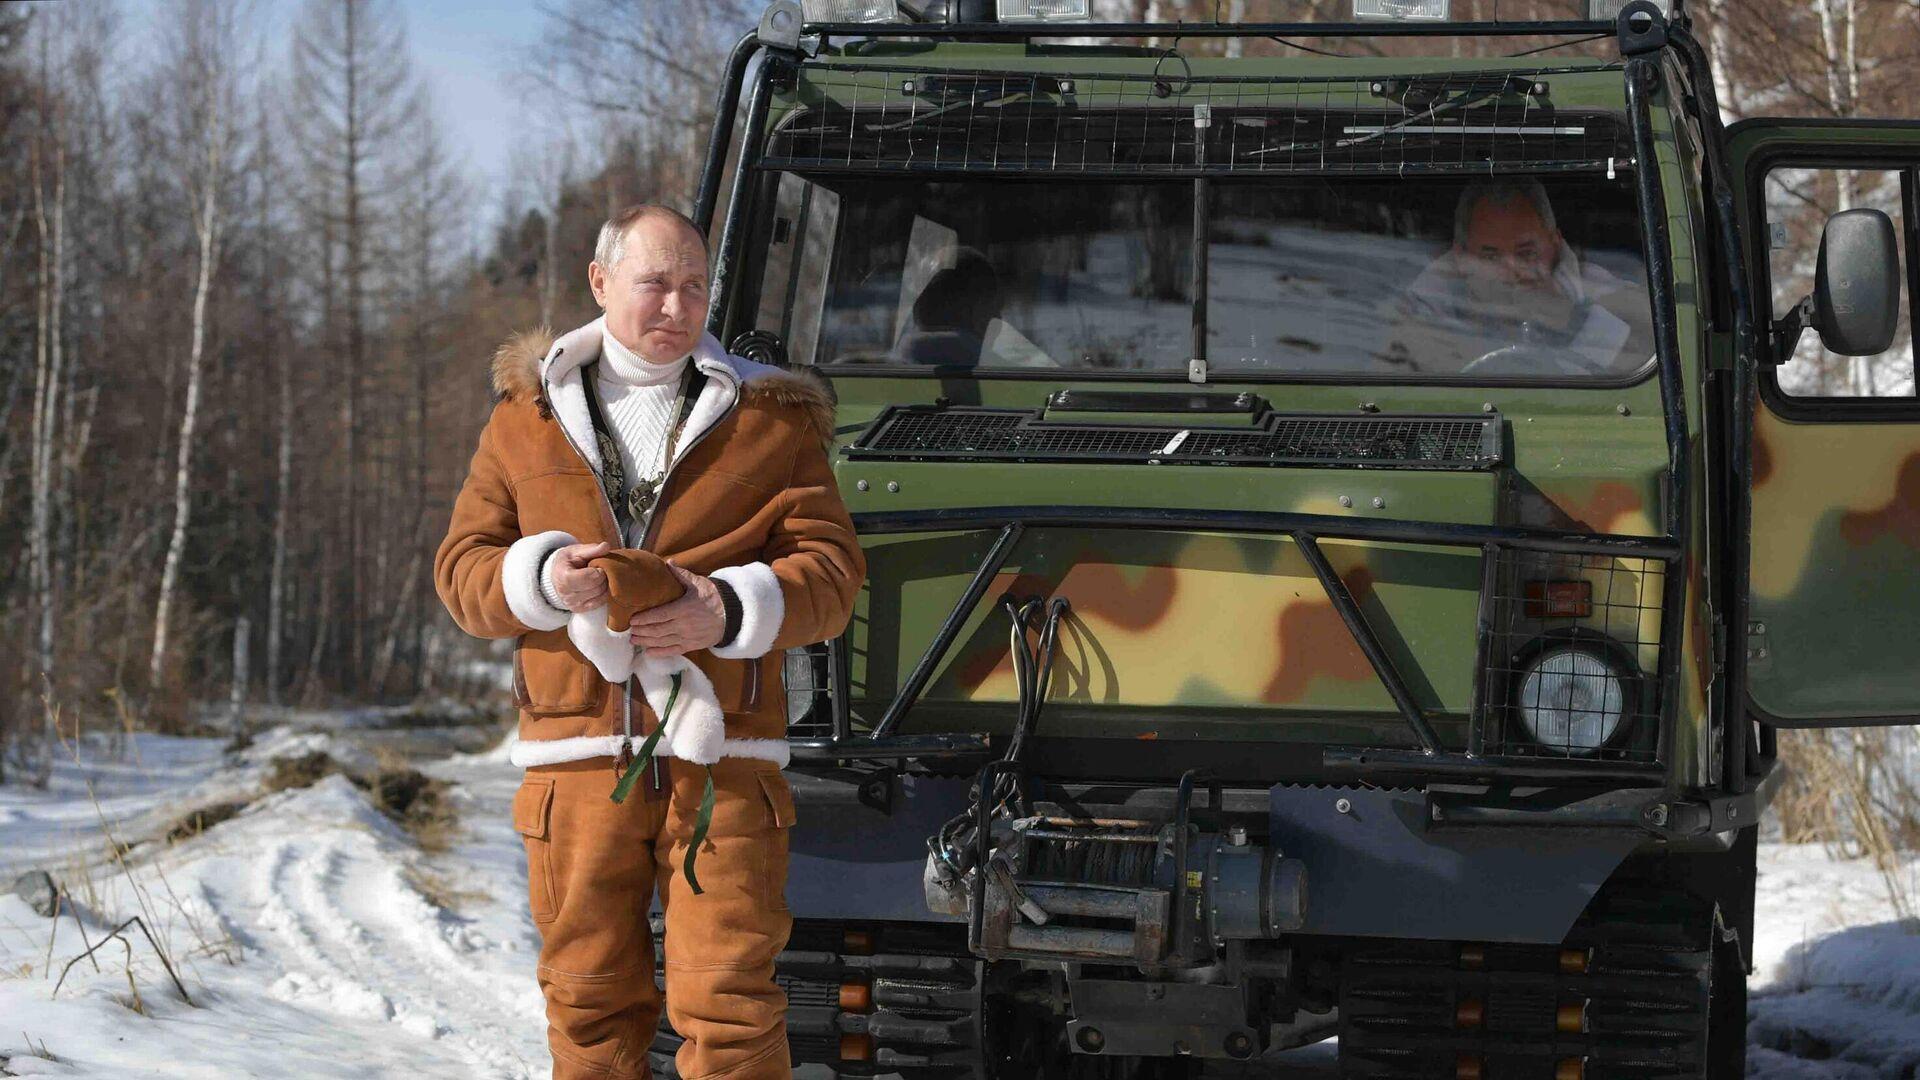 Президент РФ Владимир Путин управляет вездеходом во время прогулки в тайге - РИА Новости, 1920, 24.03.2021